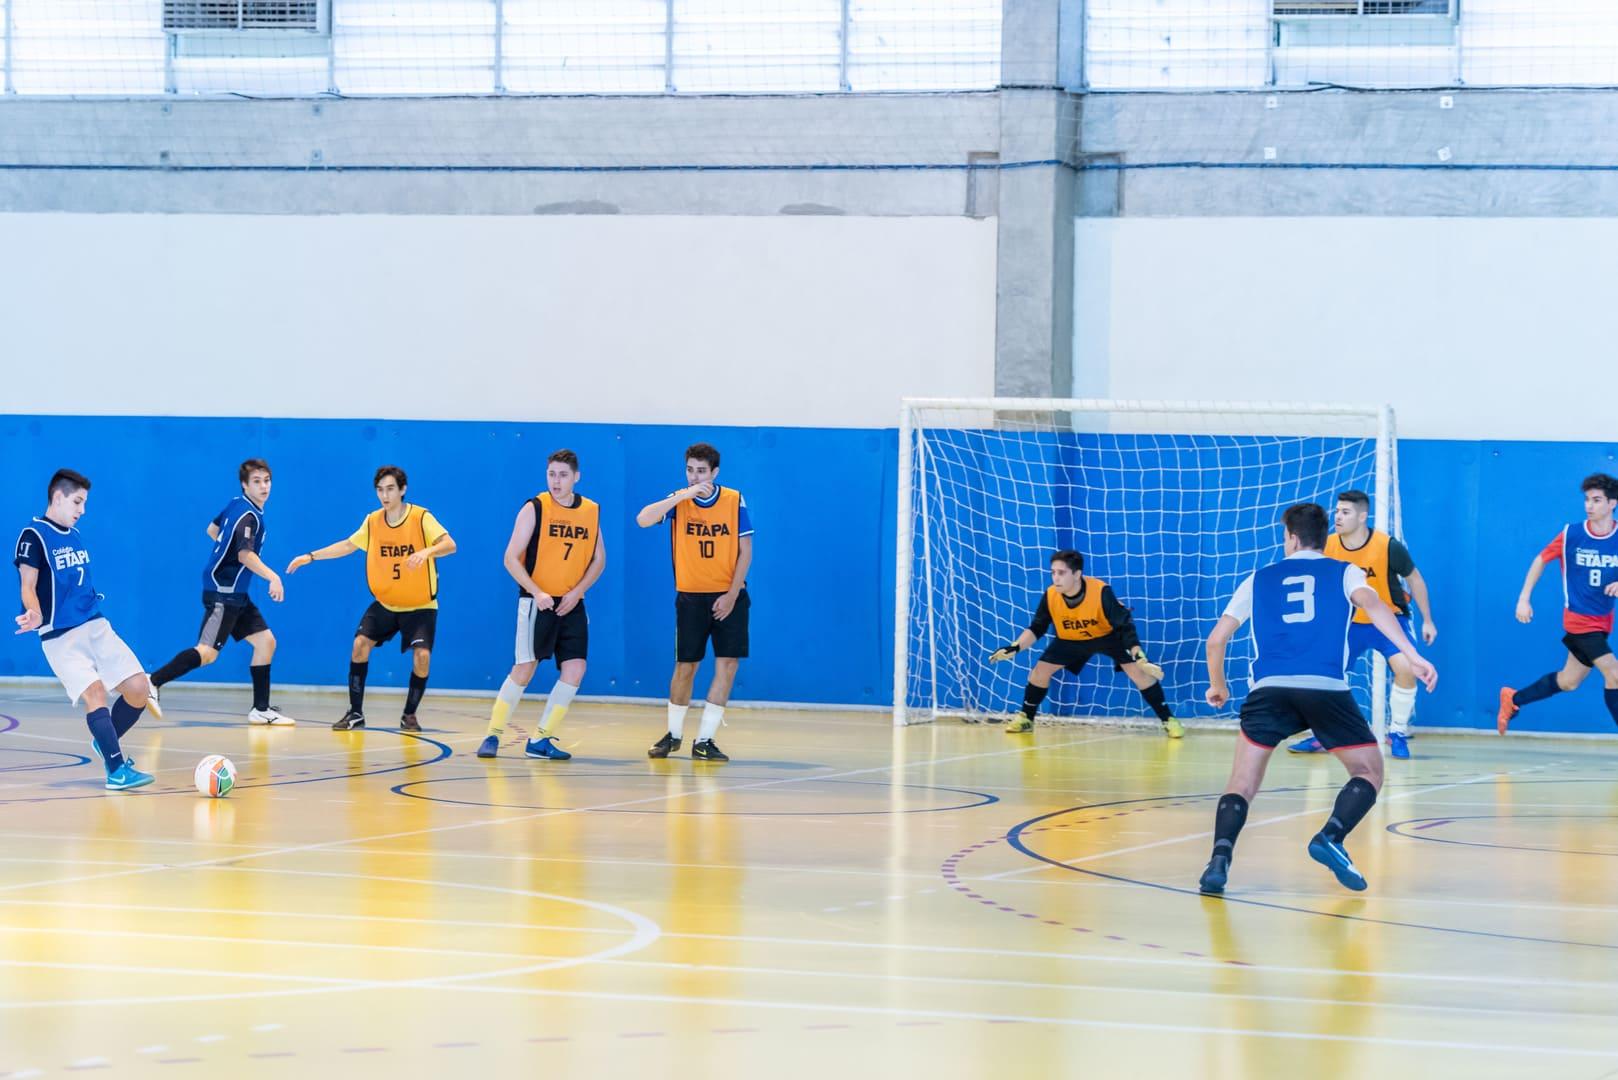 Copa Etapa Valinhos promove torneios esportivos entre alunos, ex-alunos e professores.